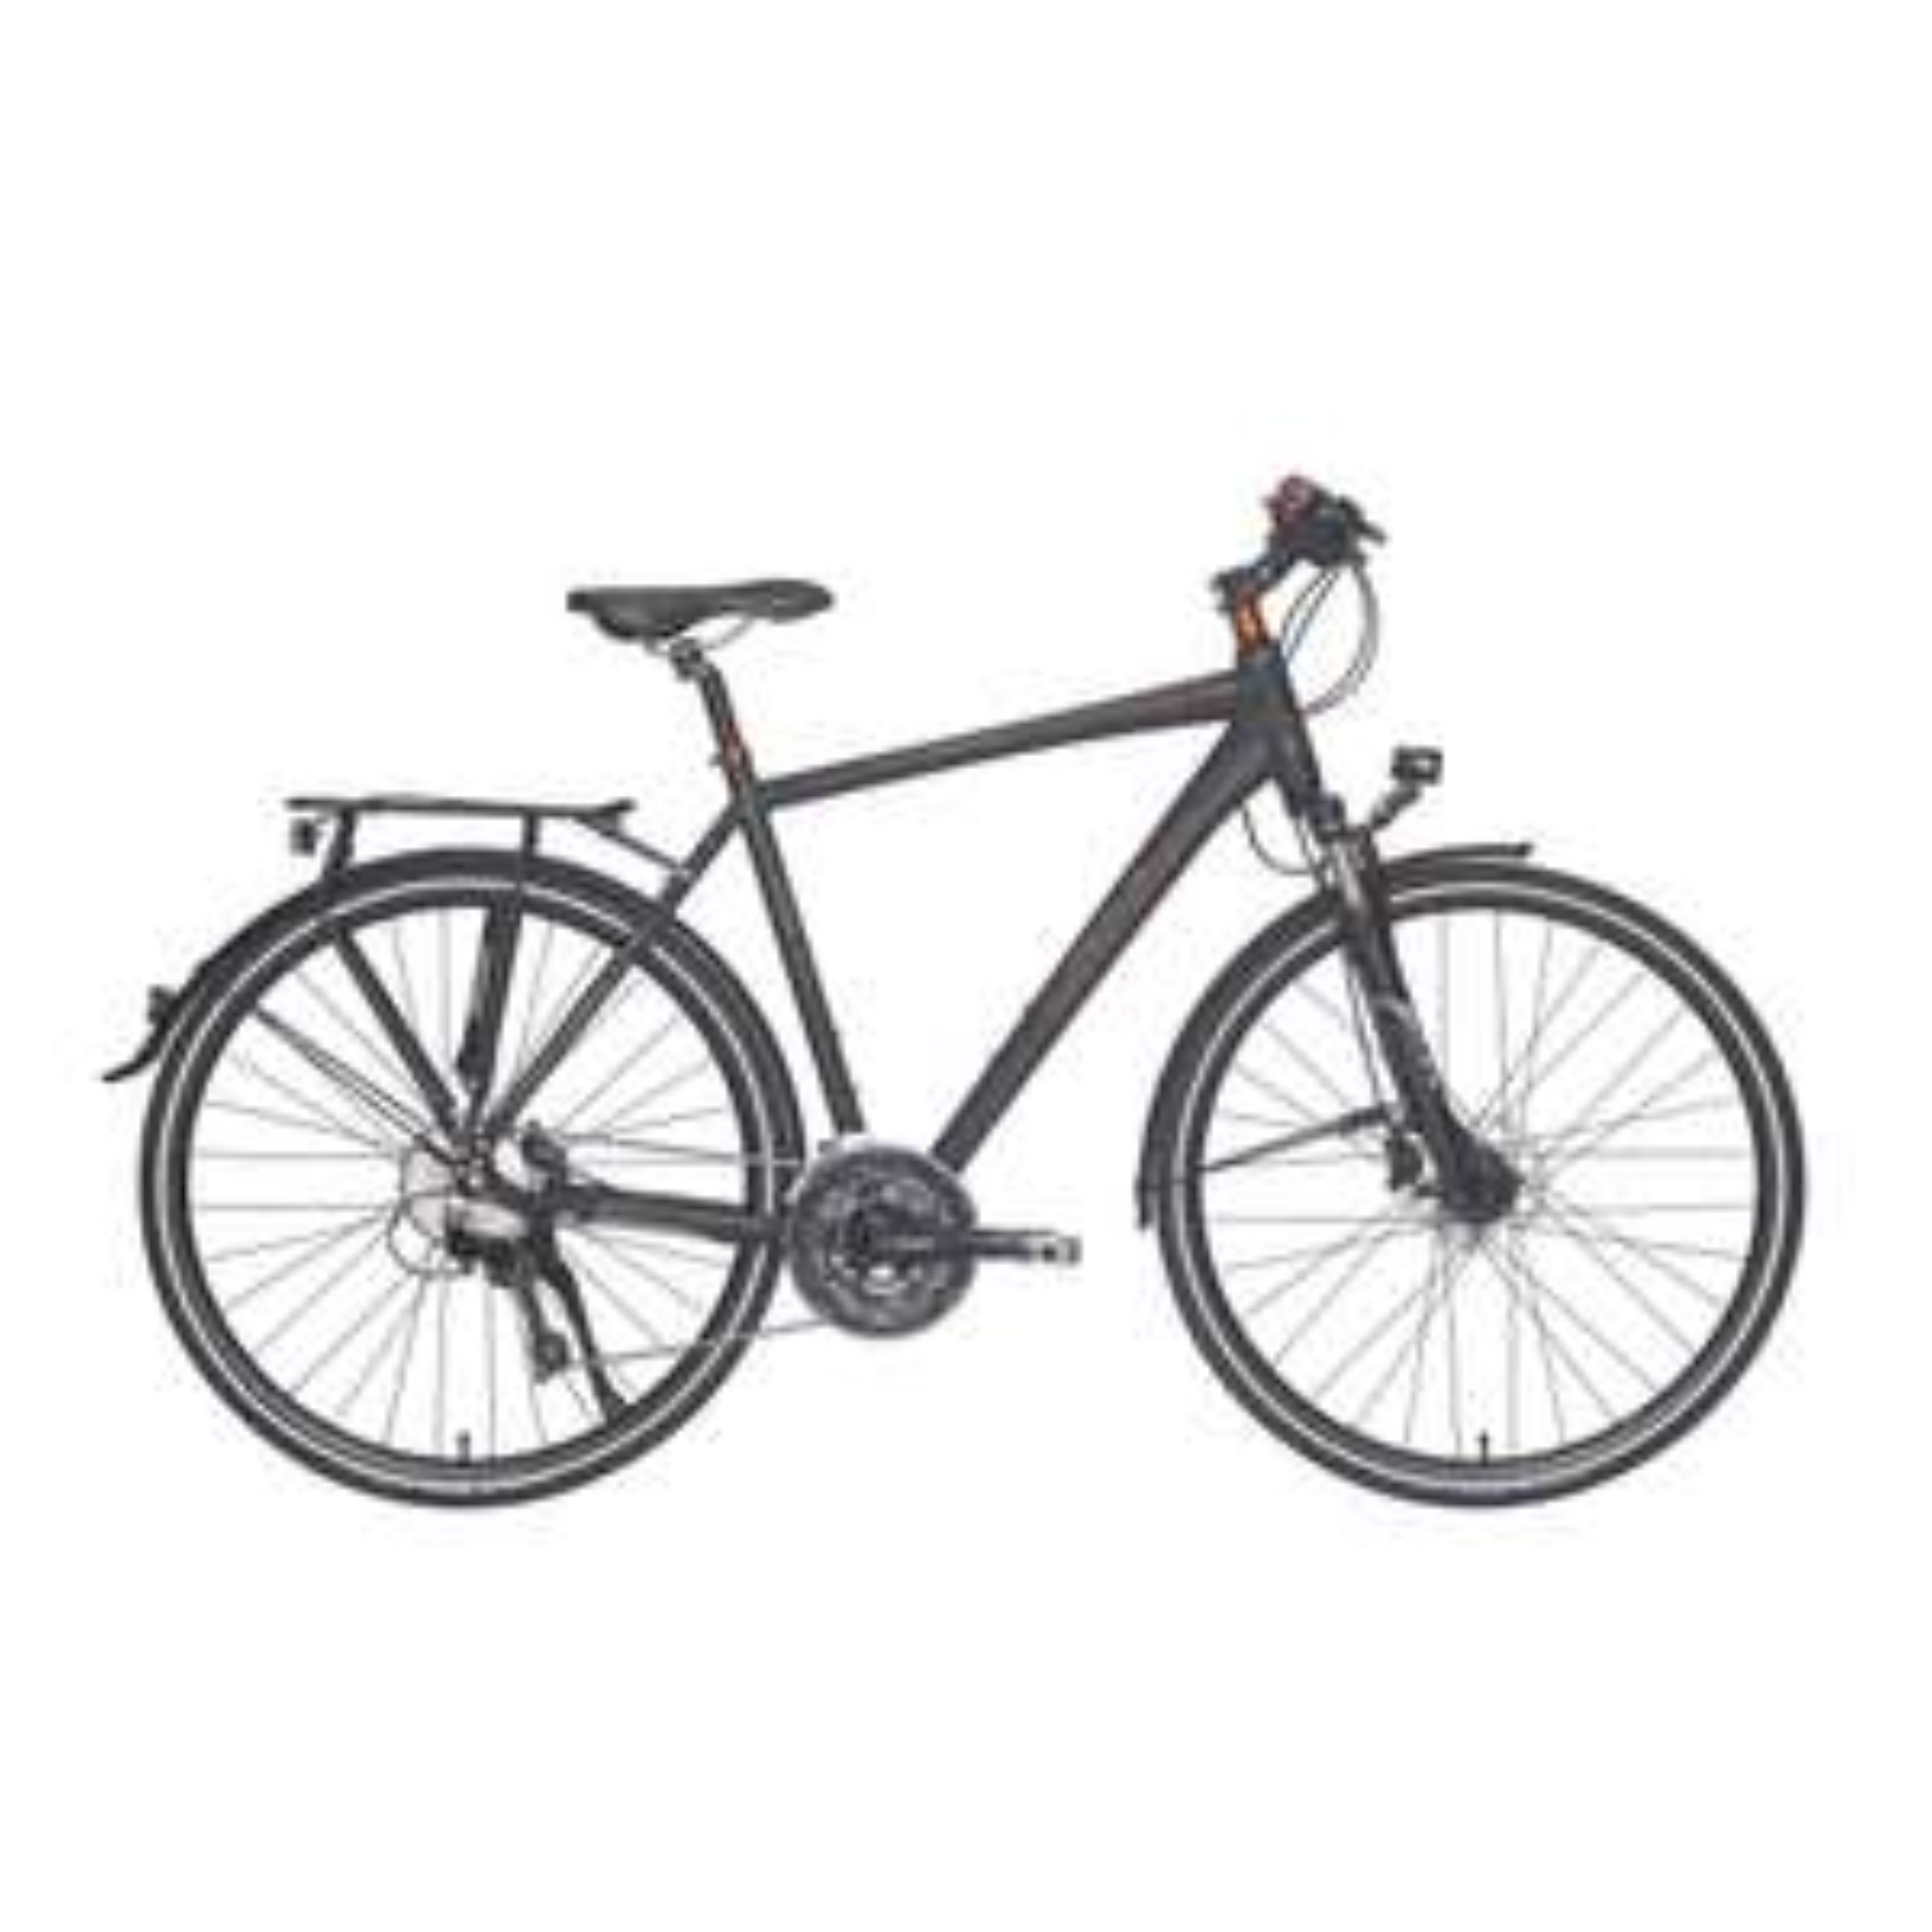 Riverside 740 TR Herren oder Damen Trekking-Rad 14% günstiger